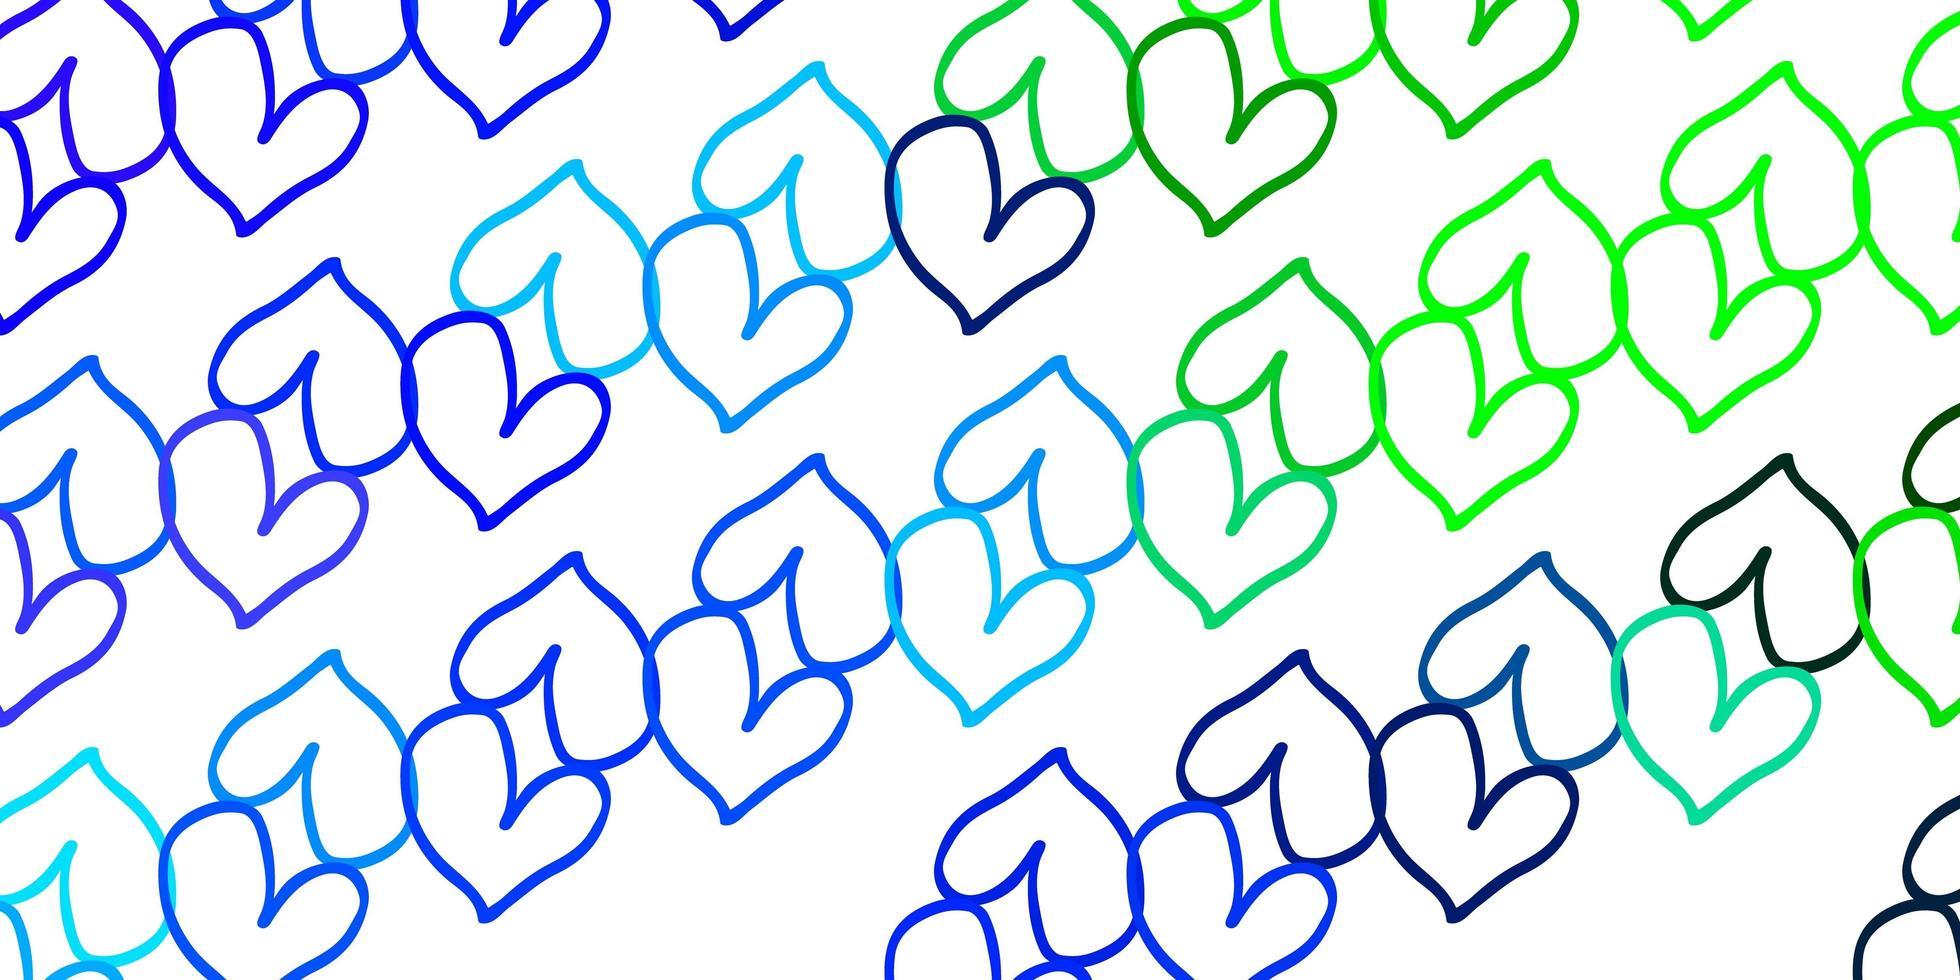 hellblauer, grüner Vektorhintergrund mit leuchtenden Herzen. vektor